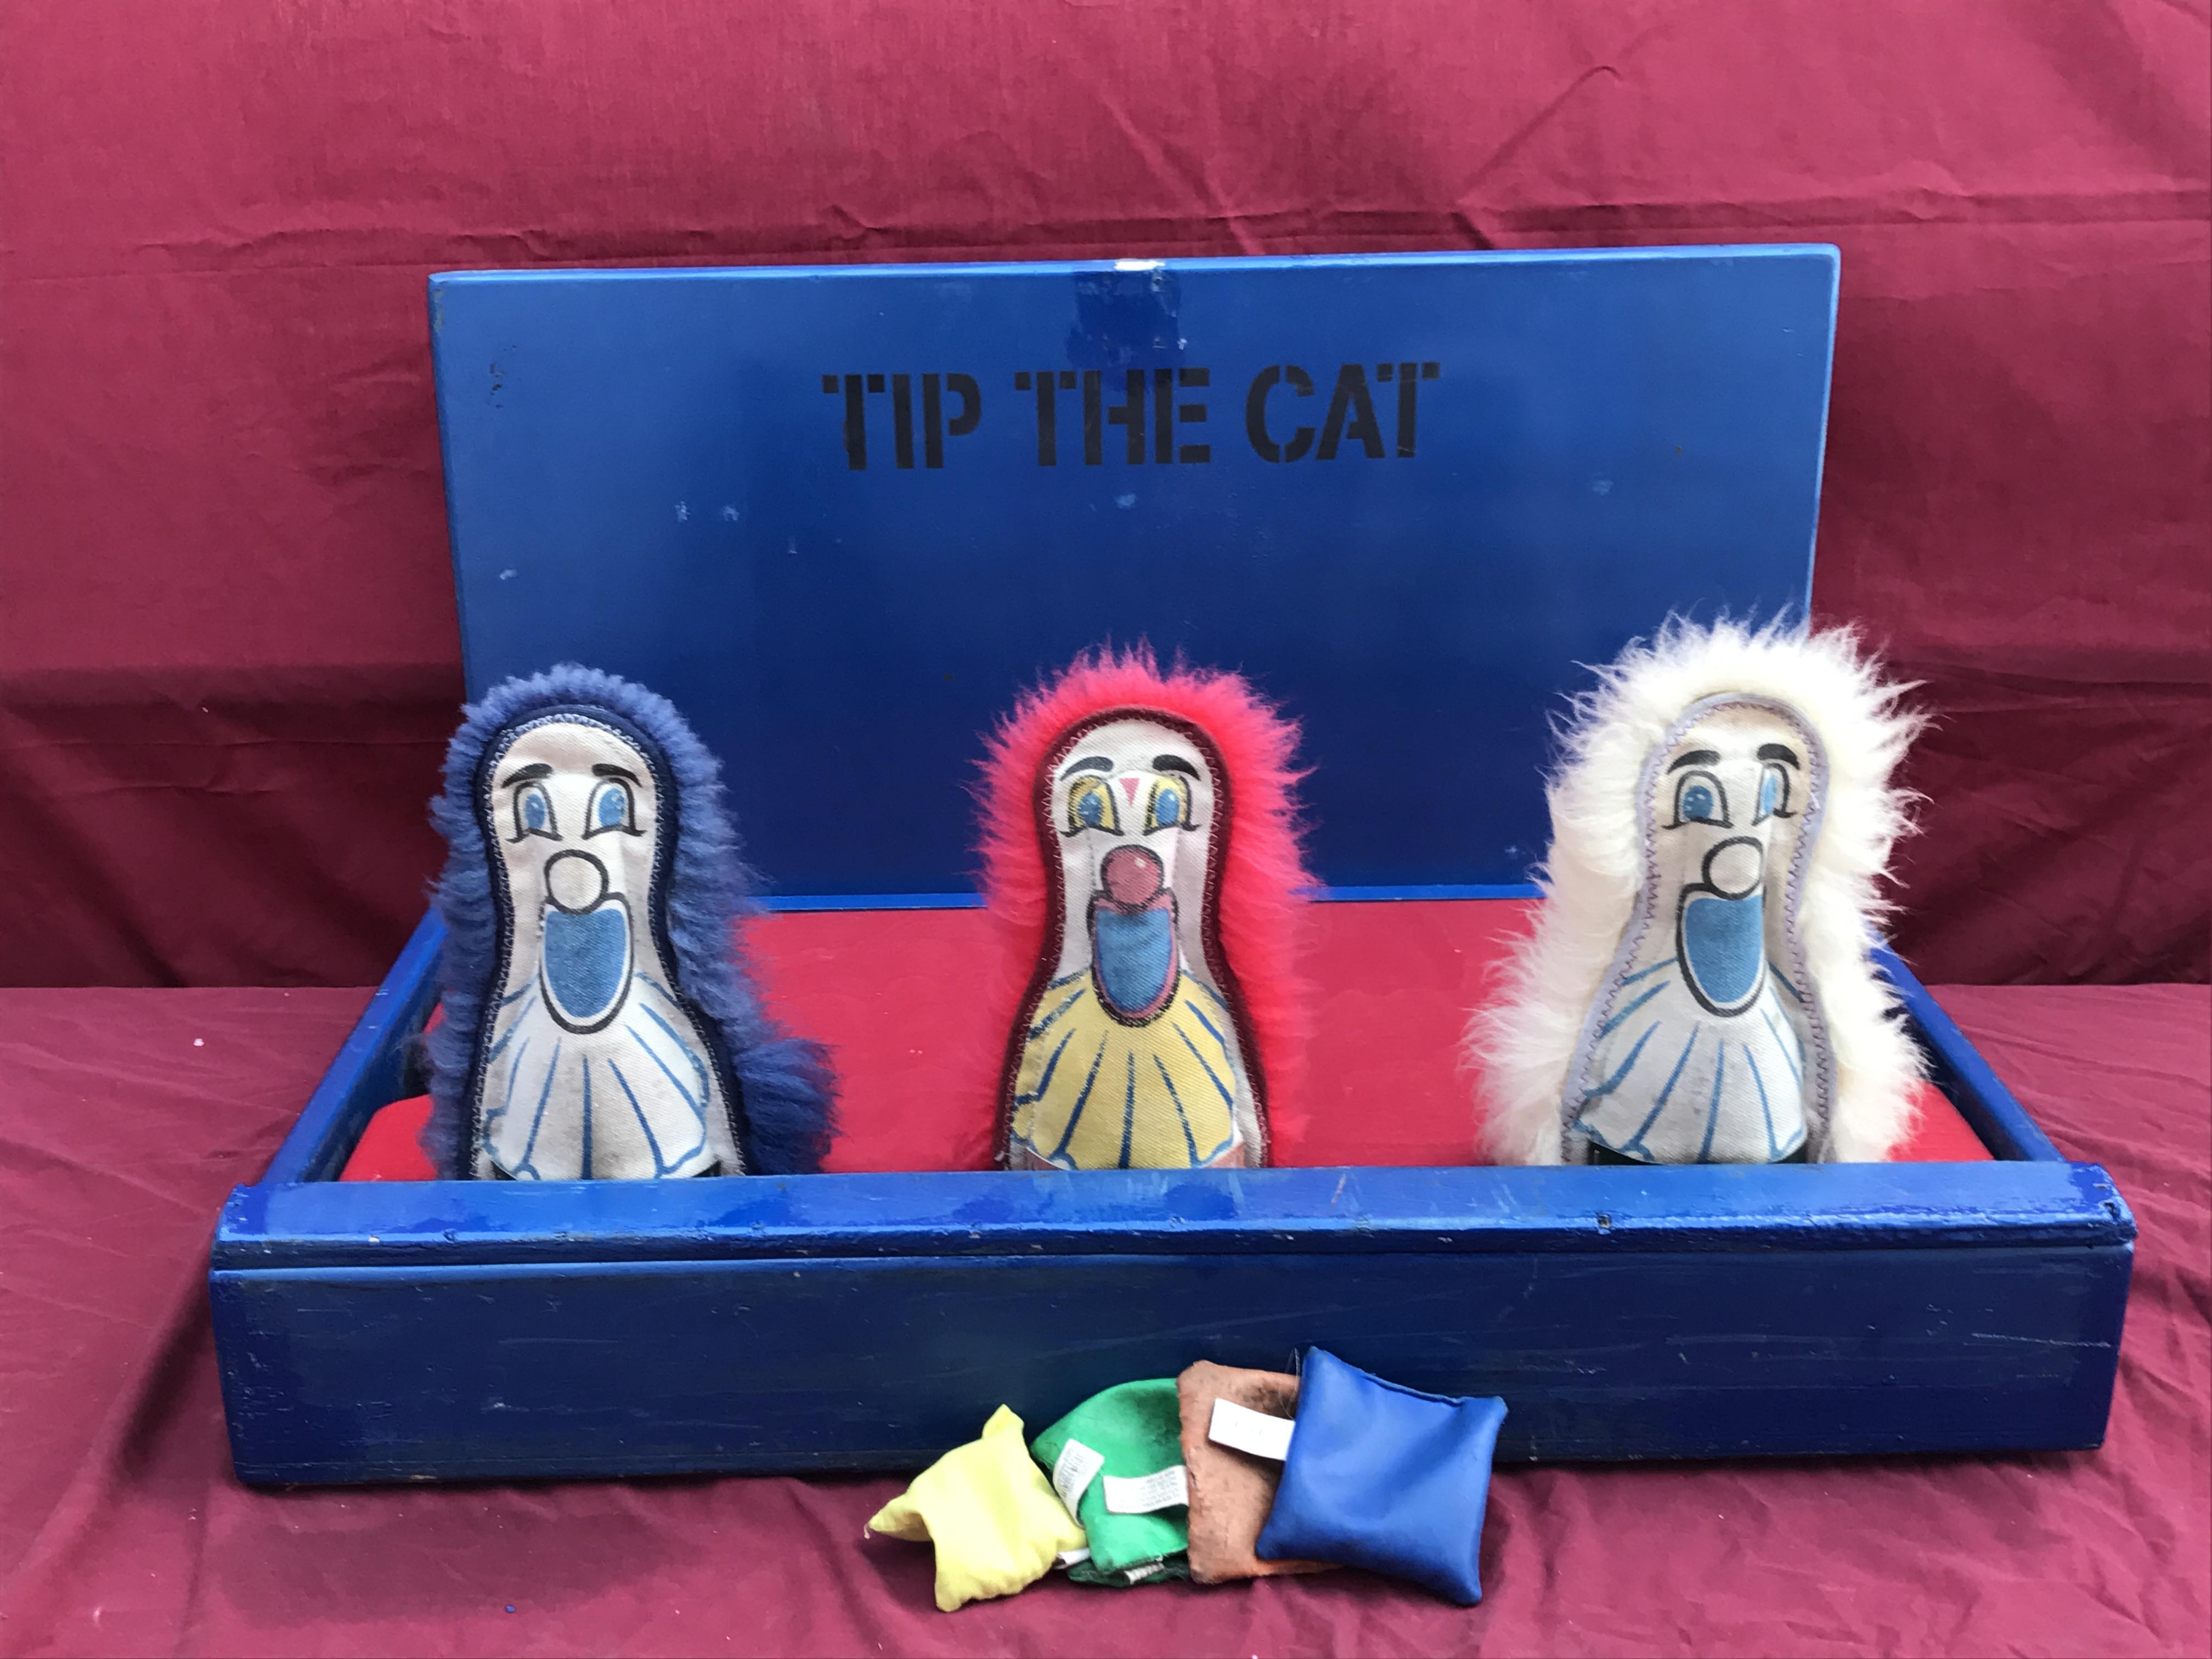 Tip The Cat